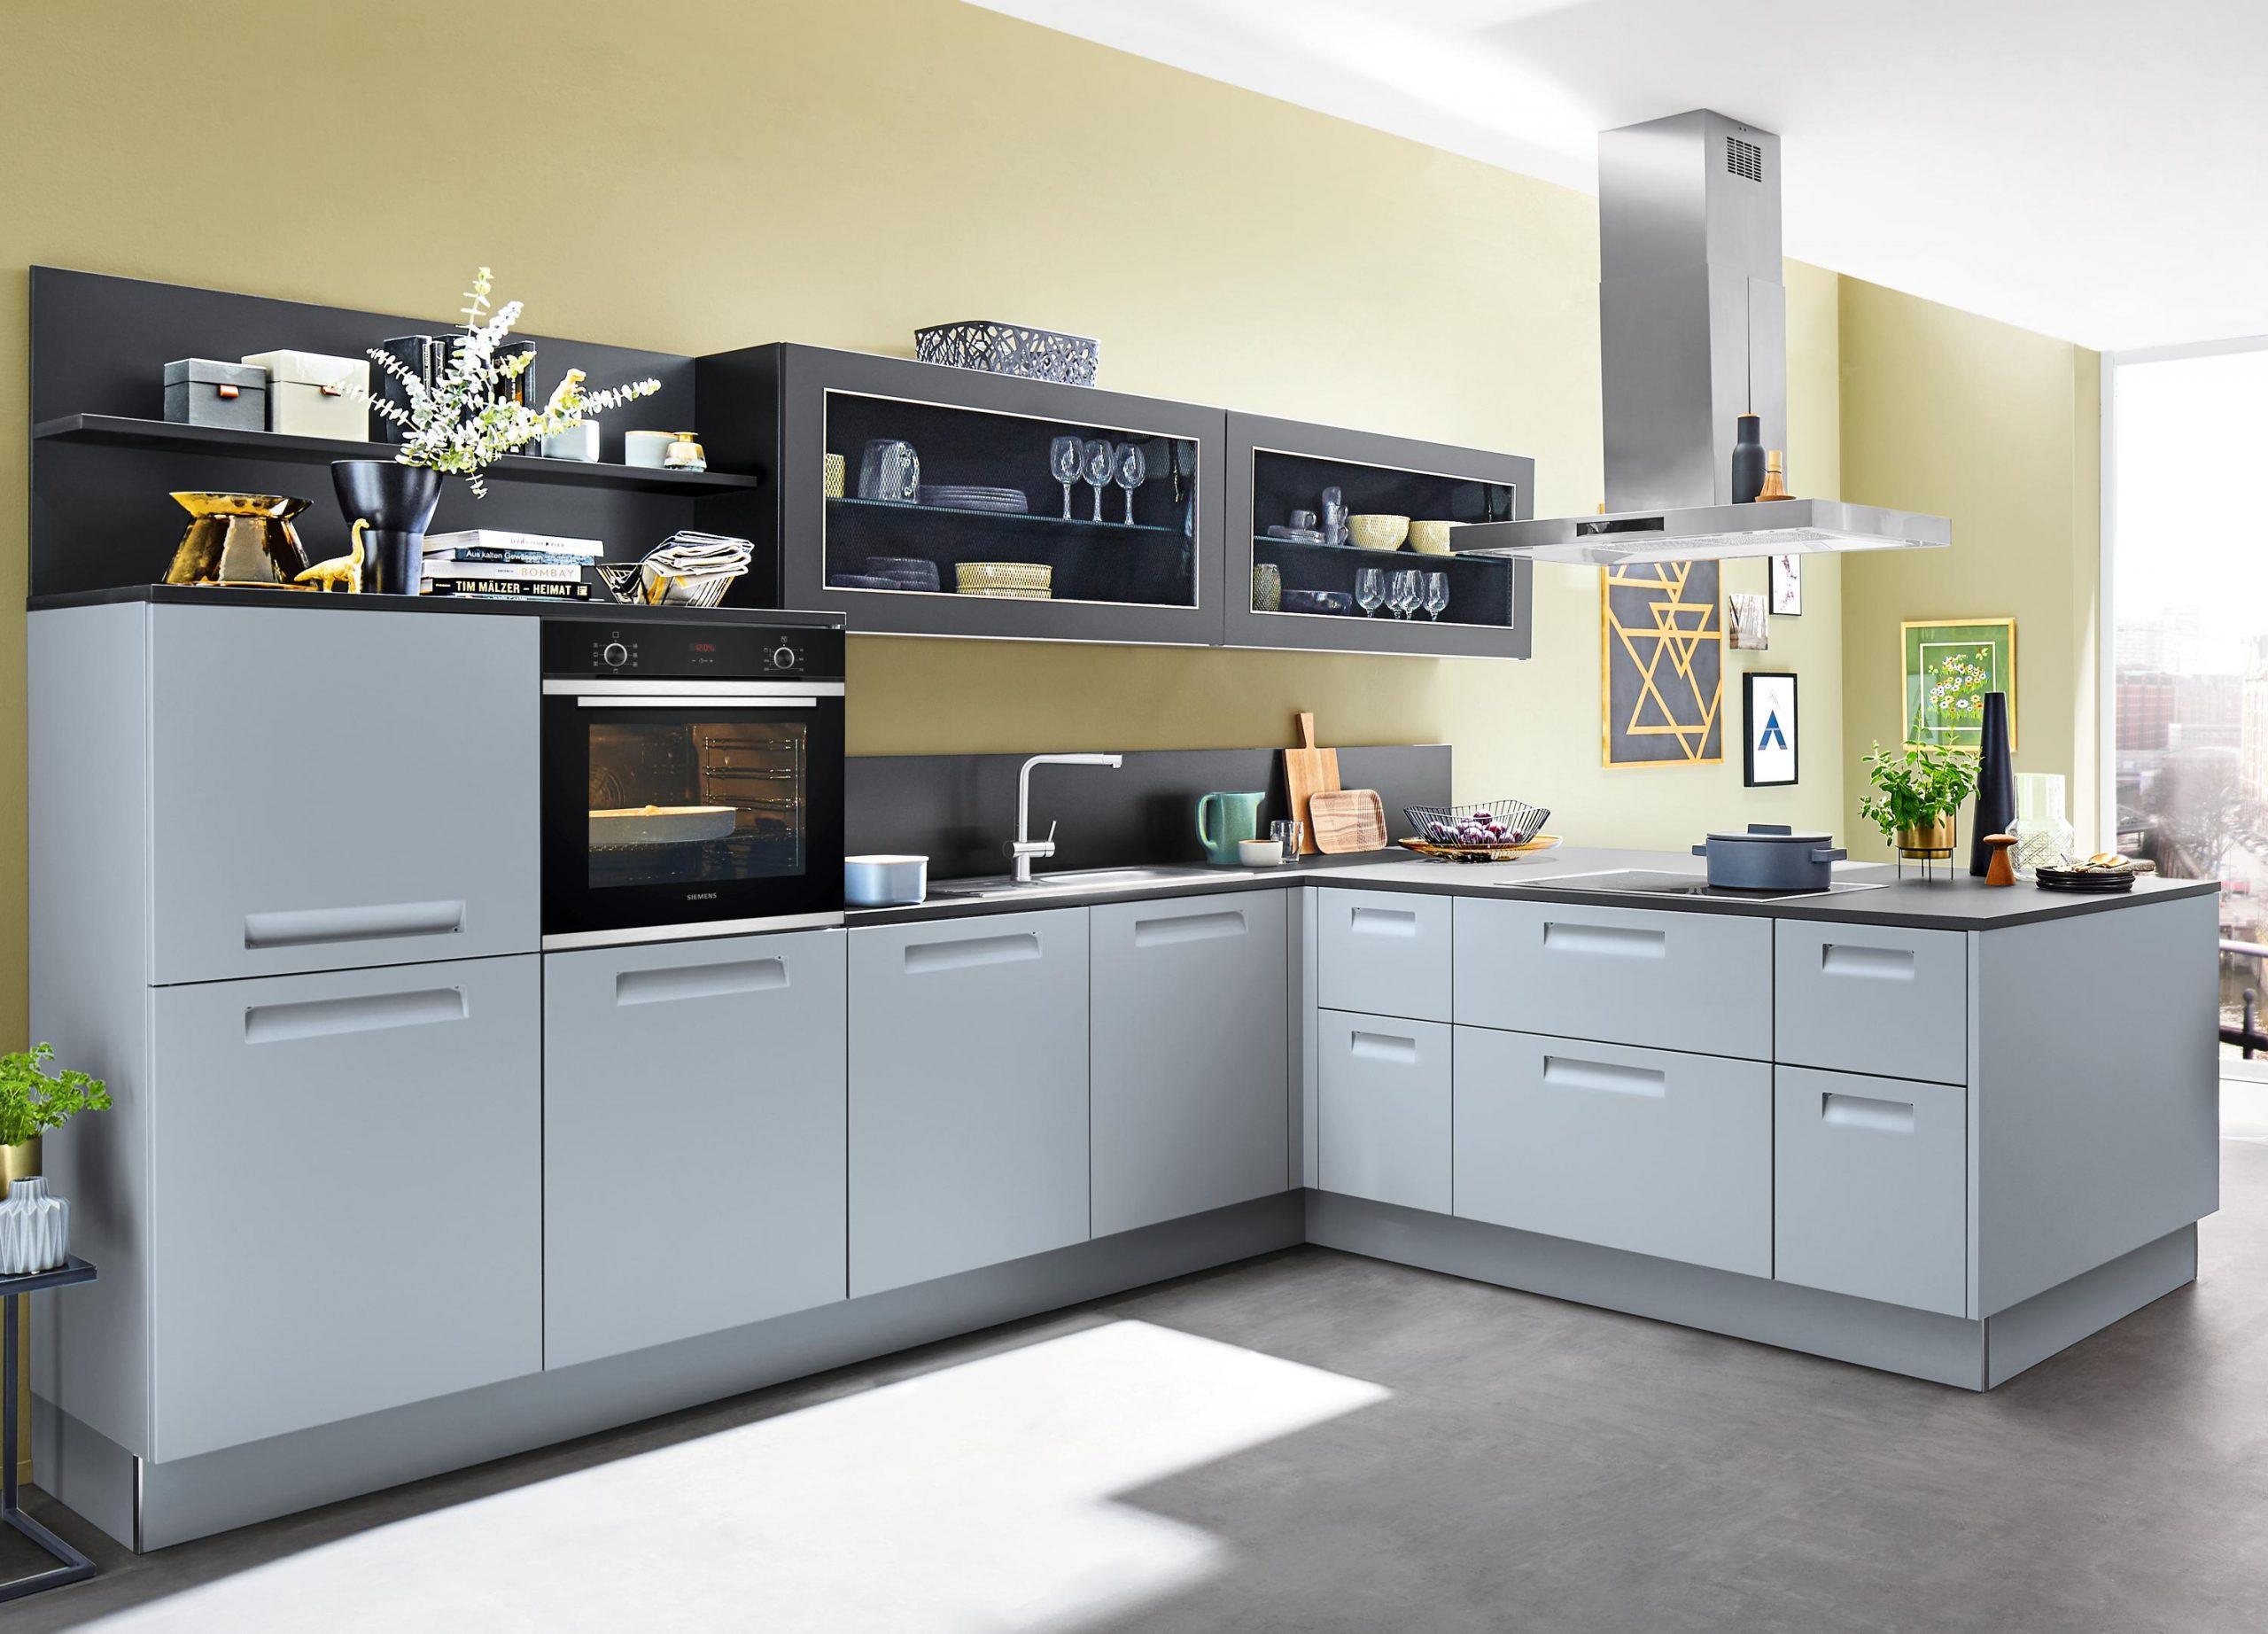 Full Size of Küche Nolte Oder Ikea Poco Küche Nolte Apothekerschrank Küche Nolte Küche Nolte Schwarz Küche Küche Nolte